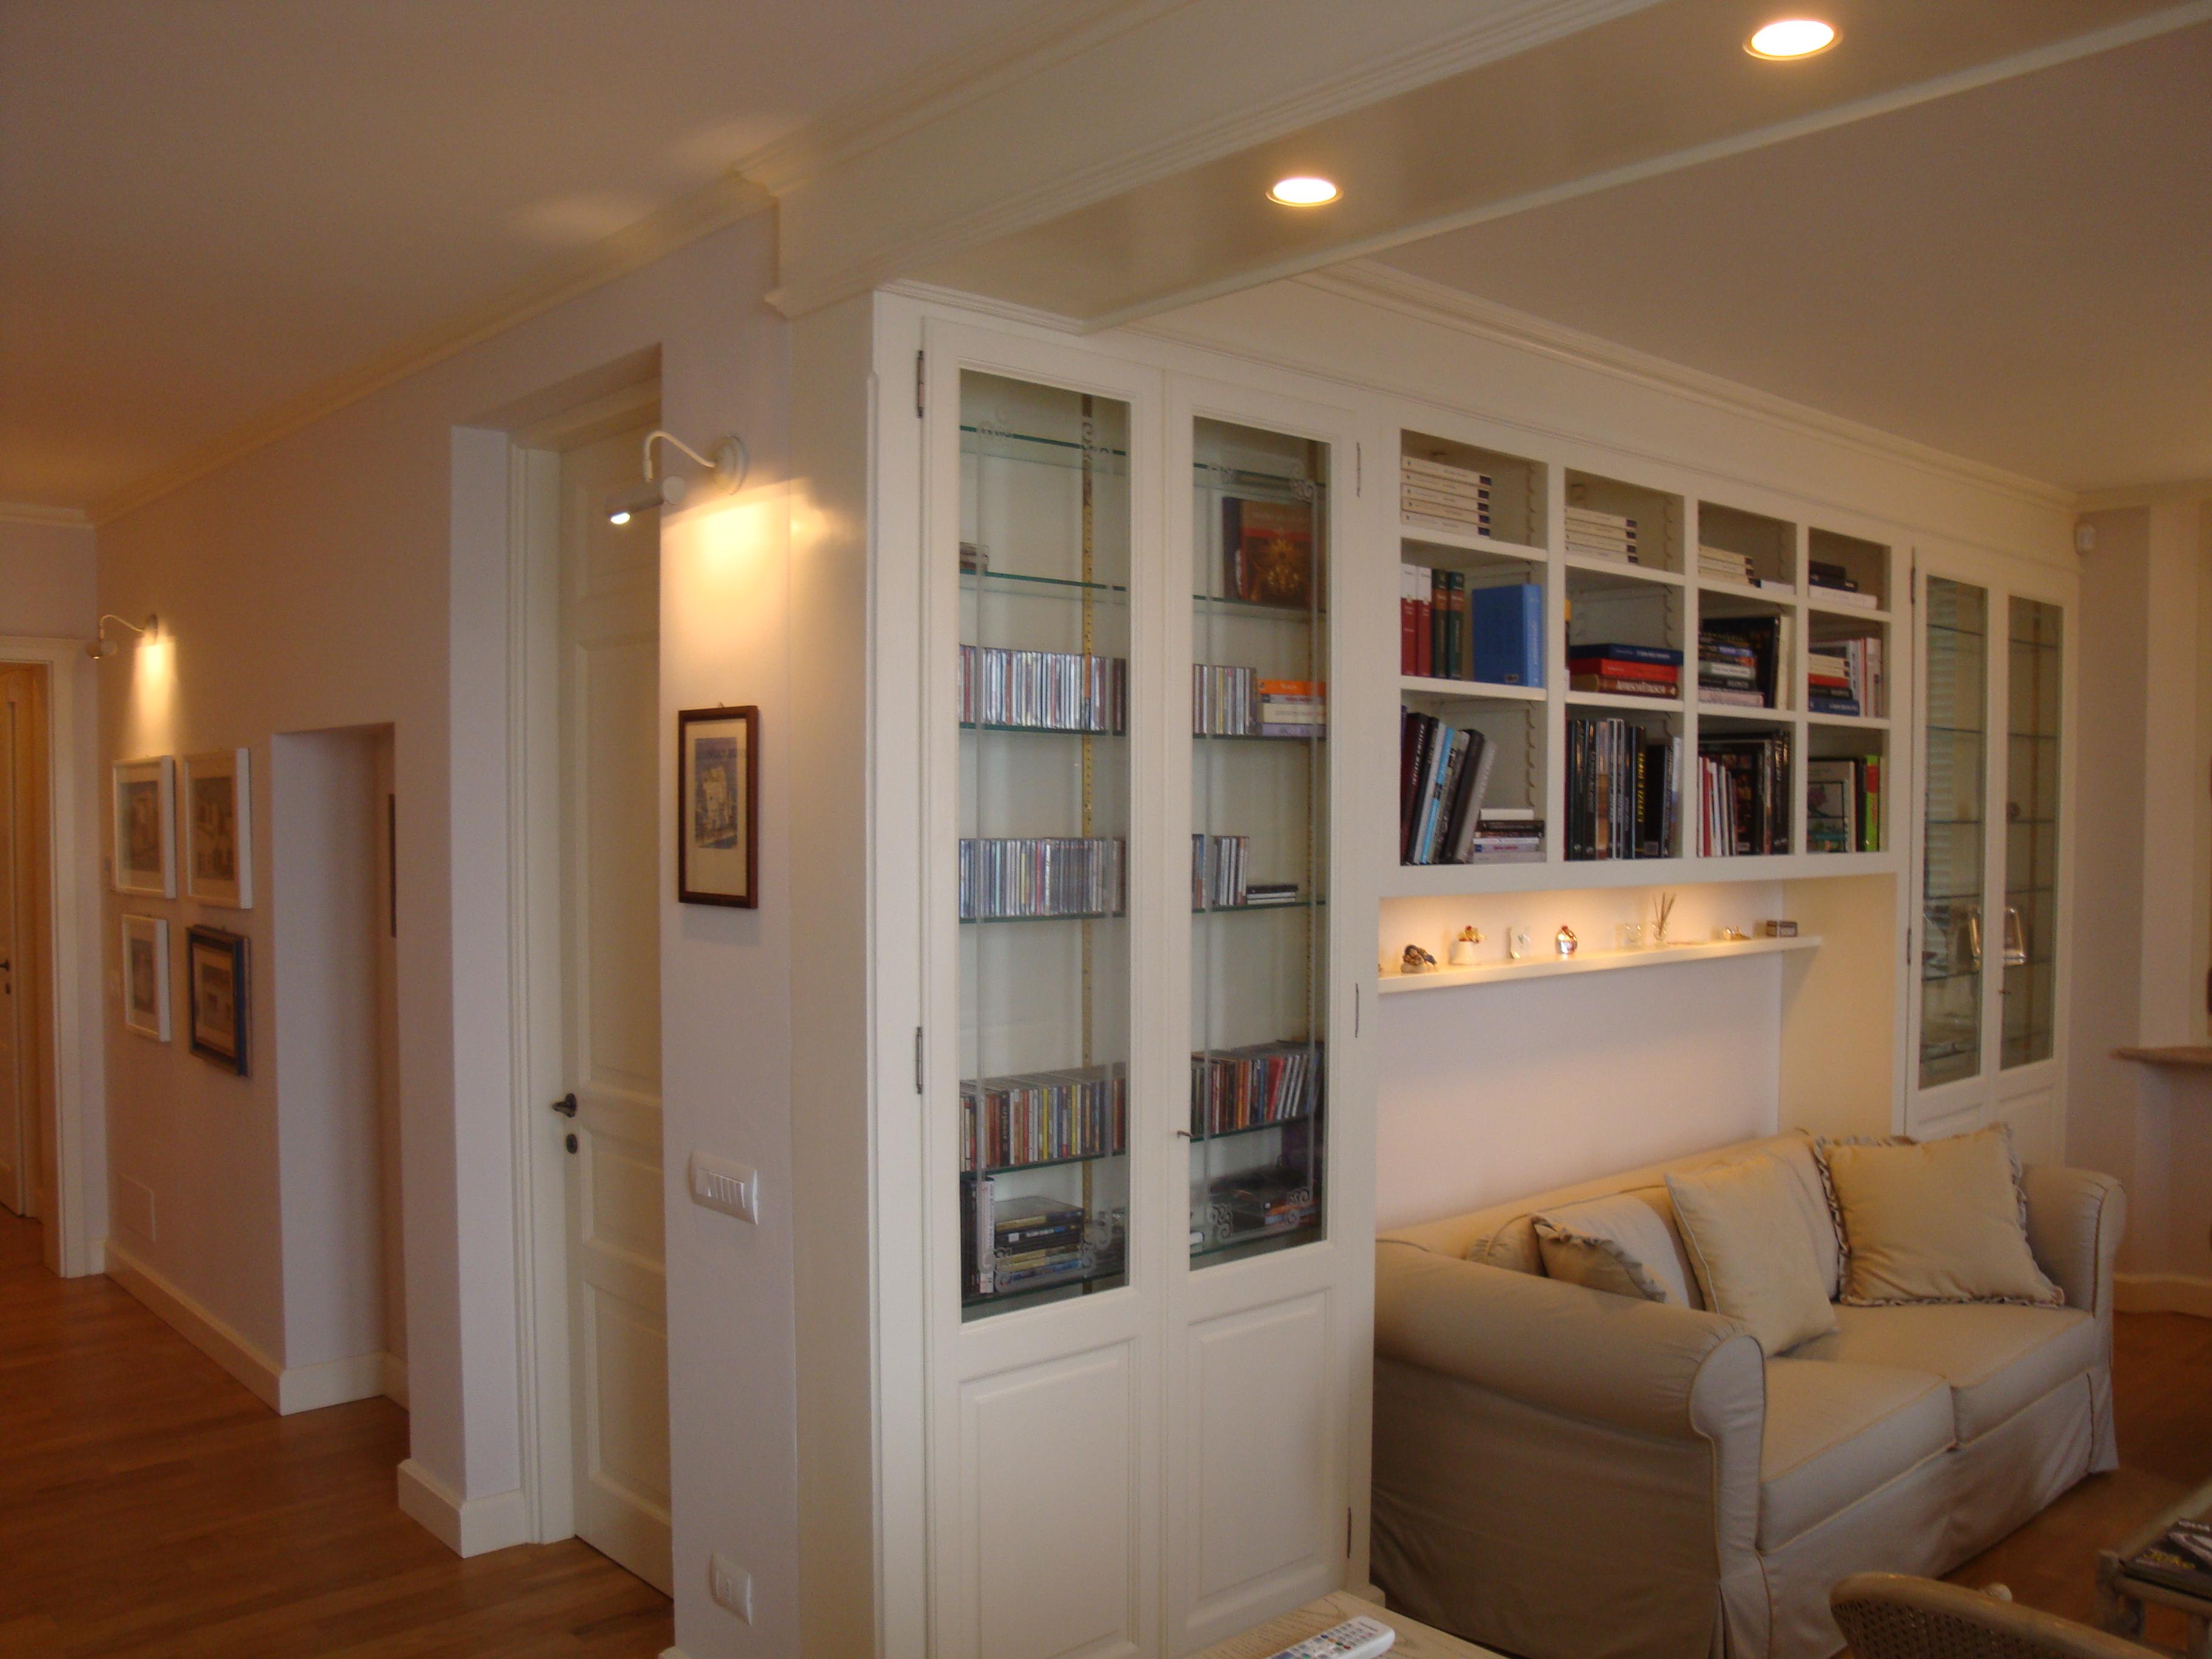 arredamento cucine casa al mare | madgeweb.com idee di interior design - Arredare Casa Libri